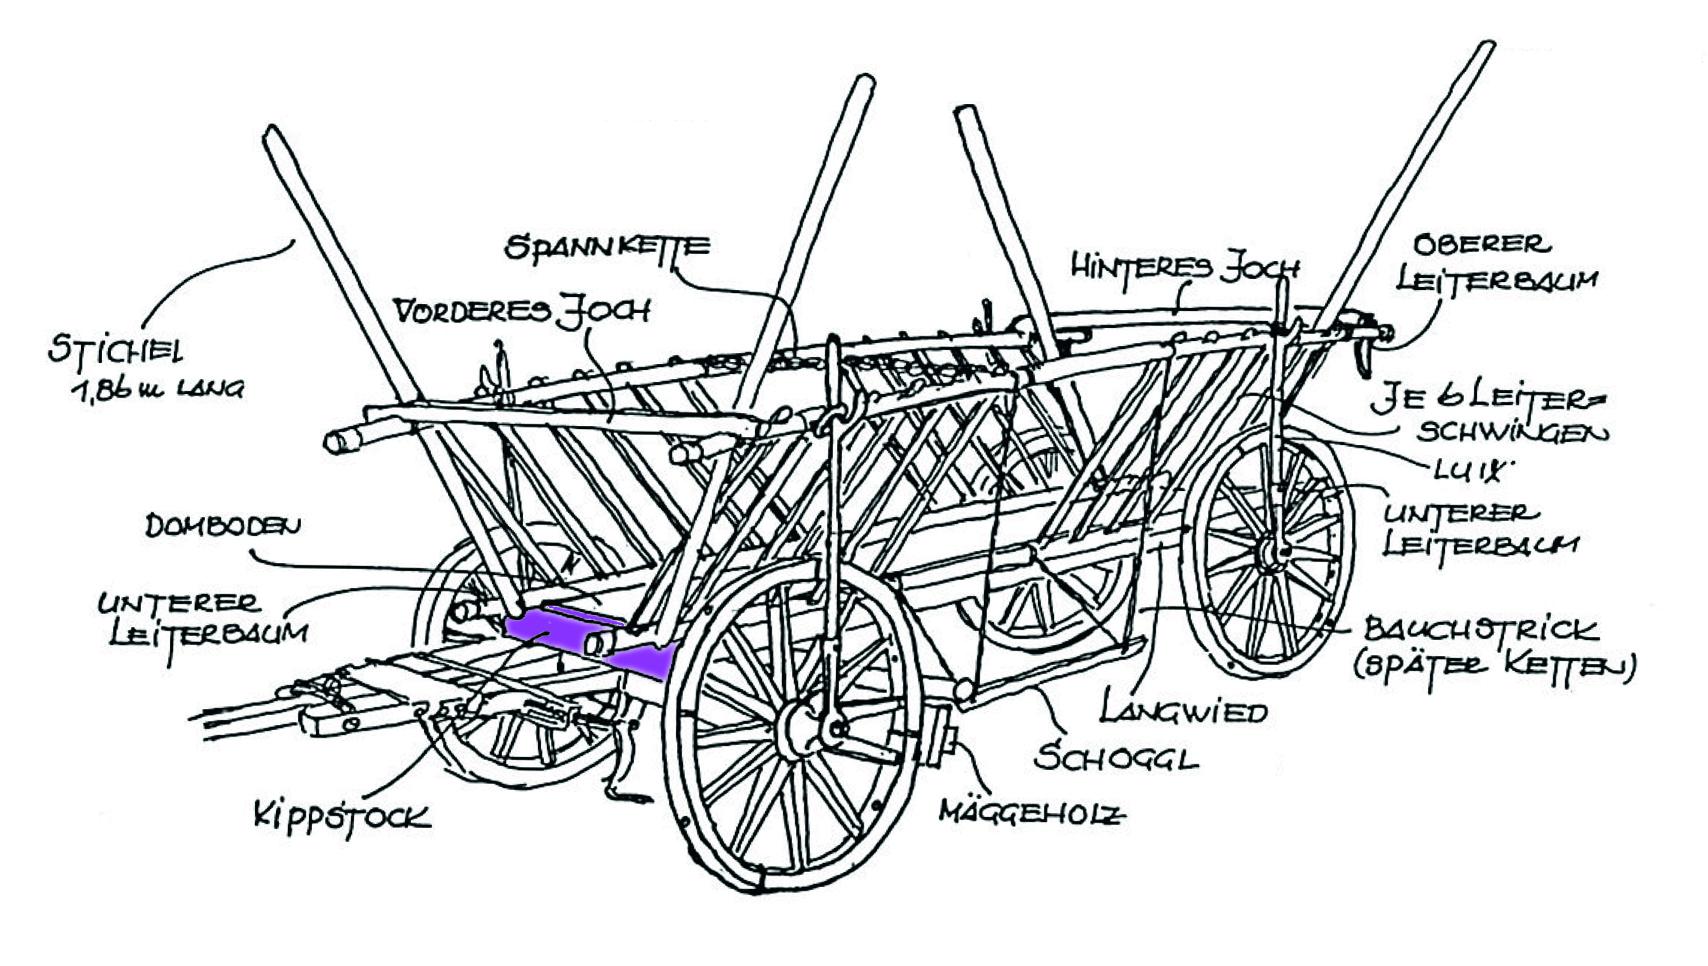 Rieser Leiterwagen